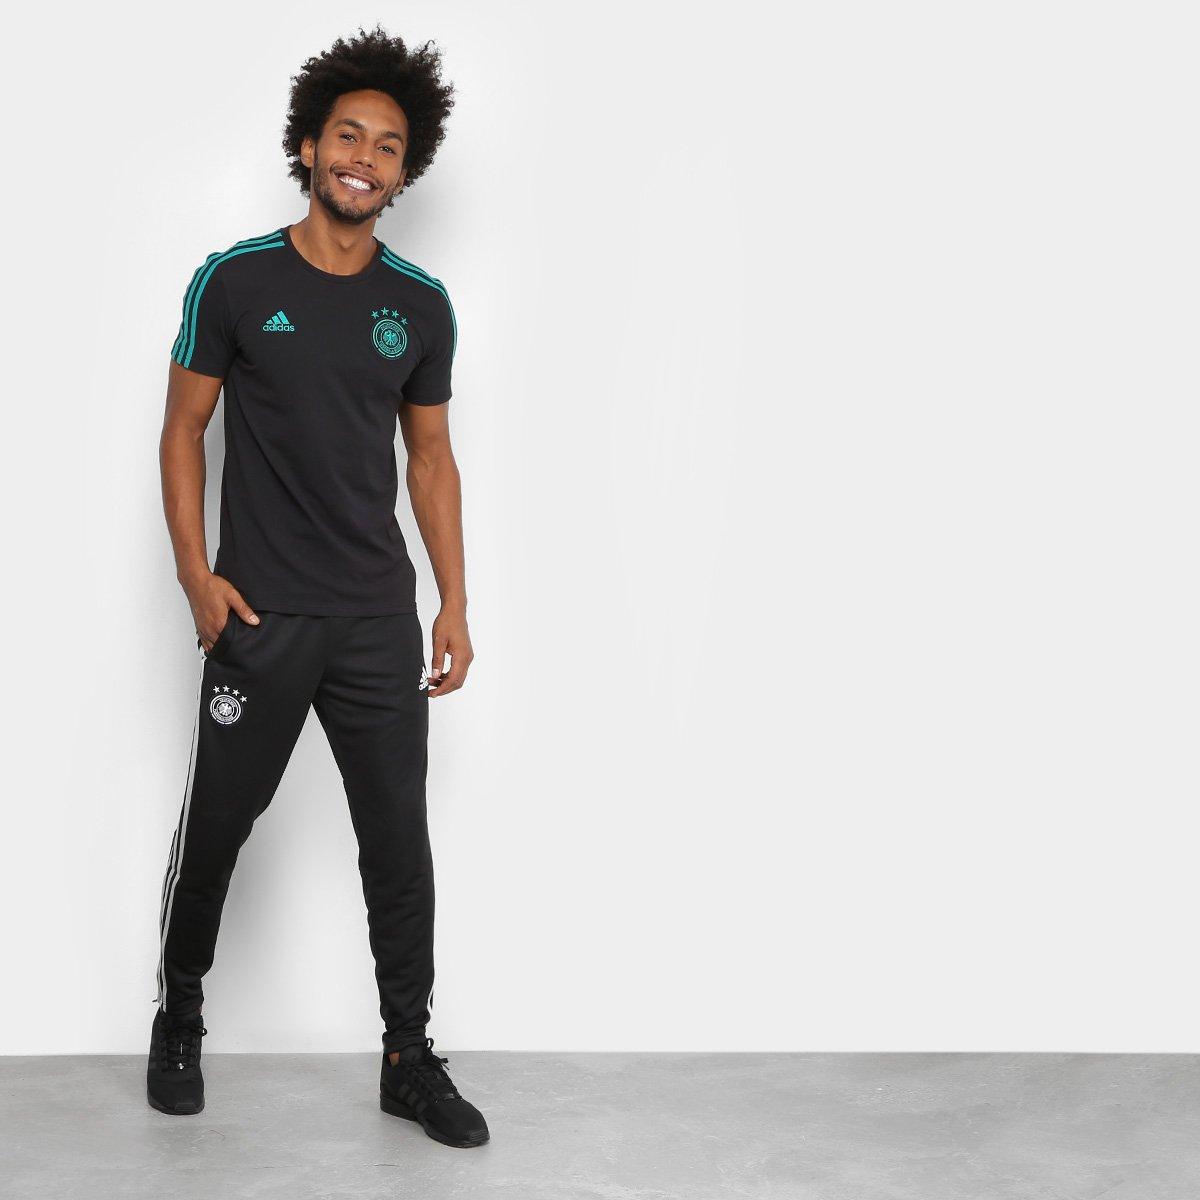 84cd96f319 4066a06b6eb0c5  Camiseta Seleção Alemanha Adidas 3S Masculina - Compre  Agora Netshoes 2c6b799da65a60 ...